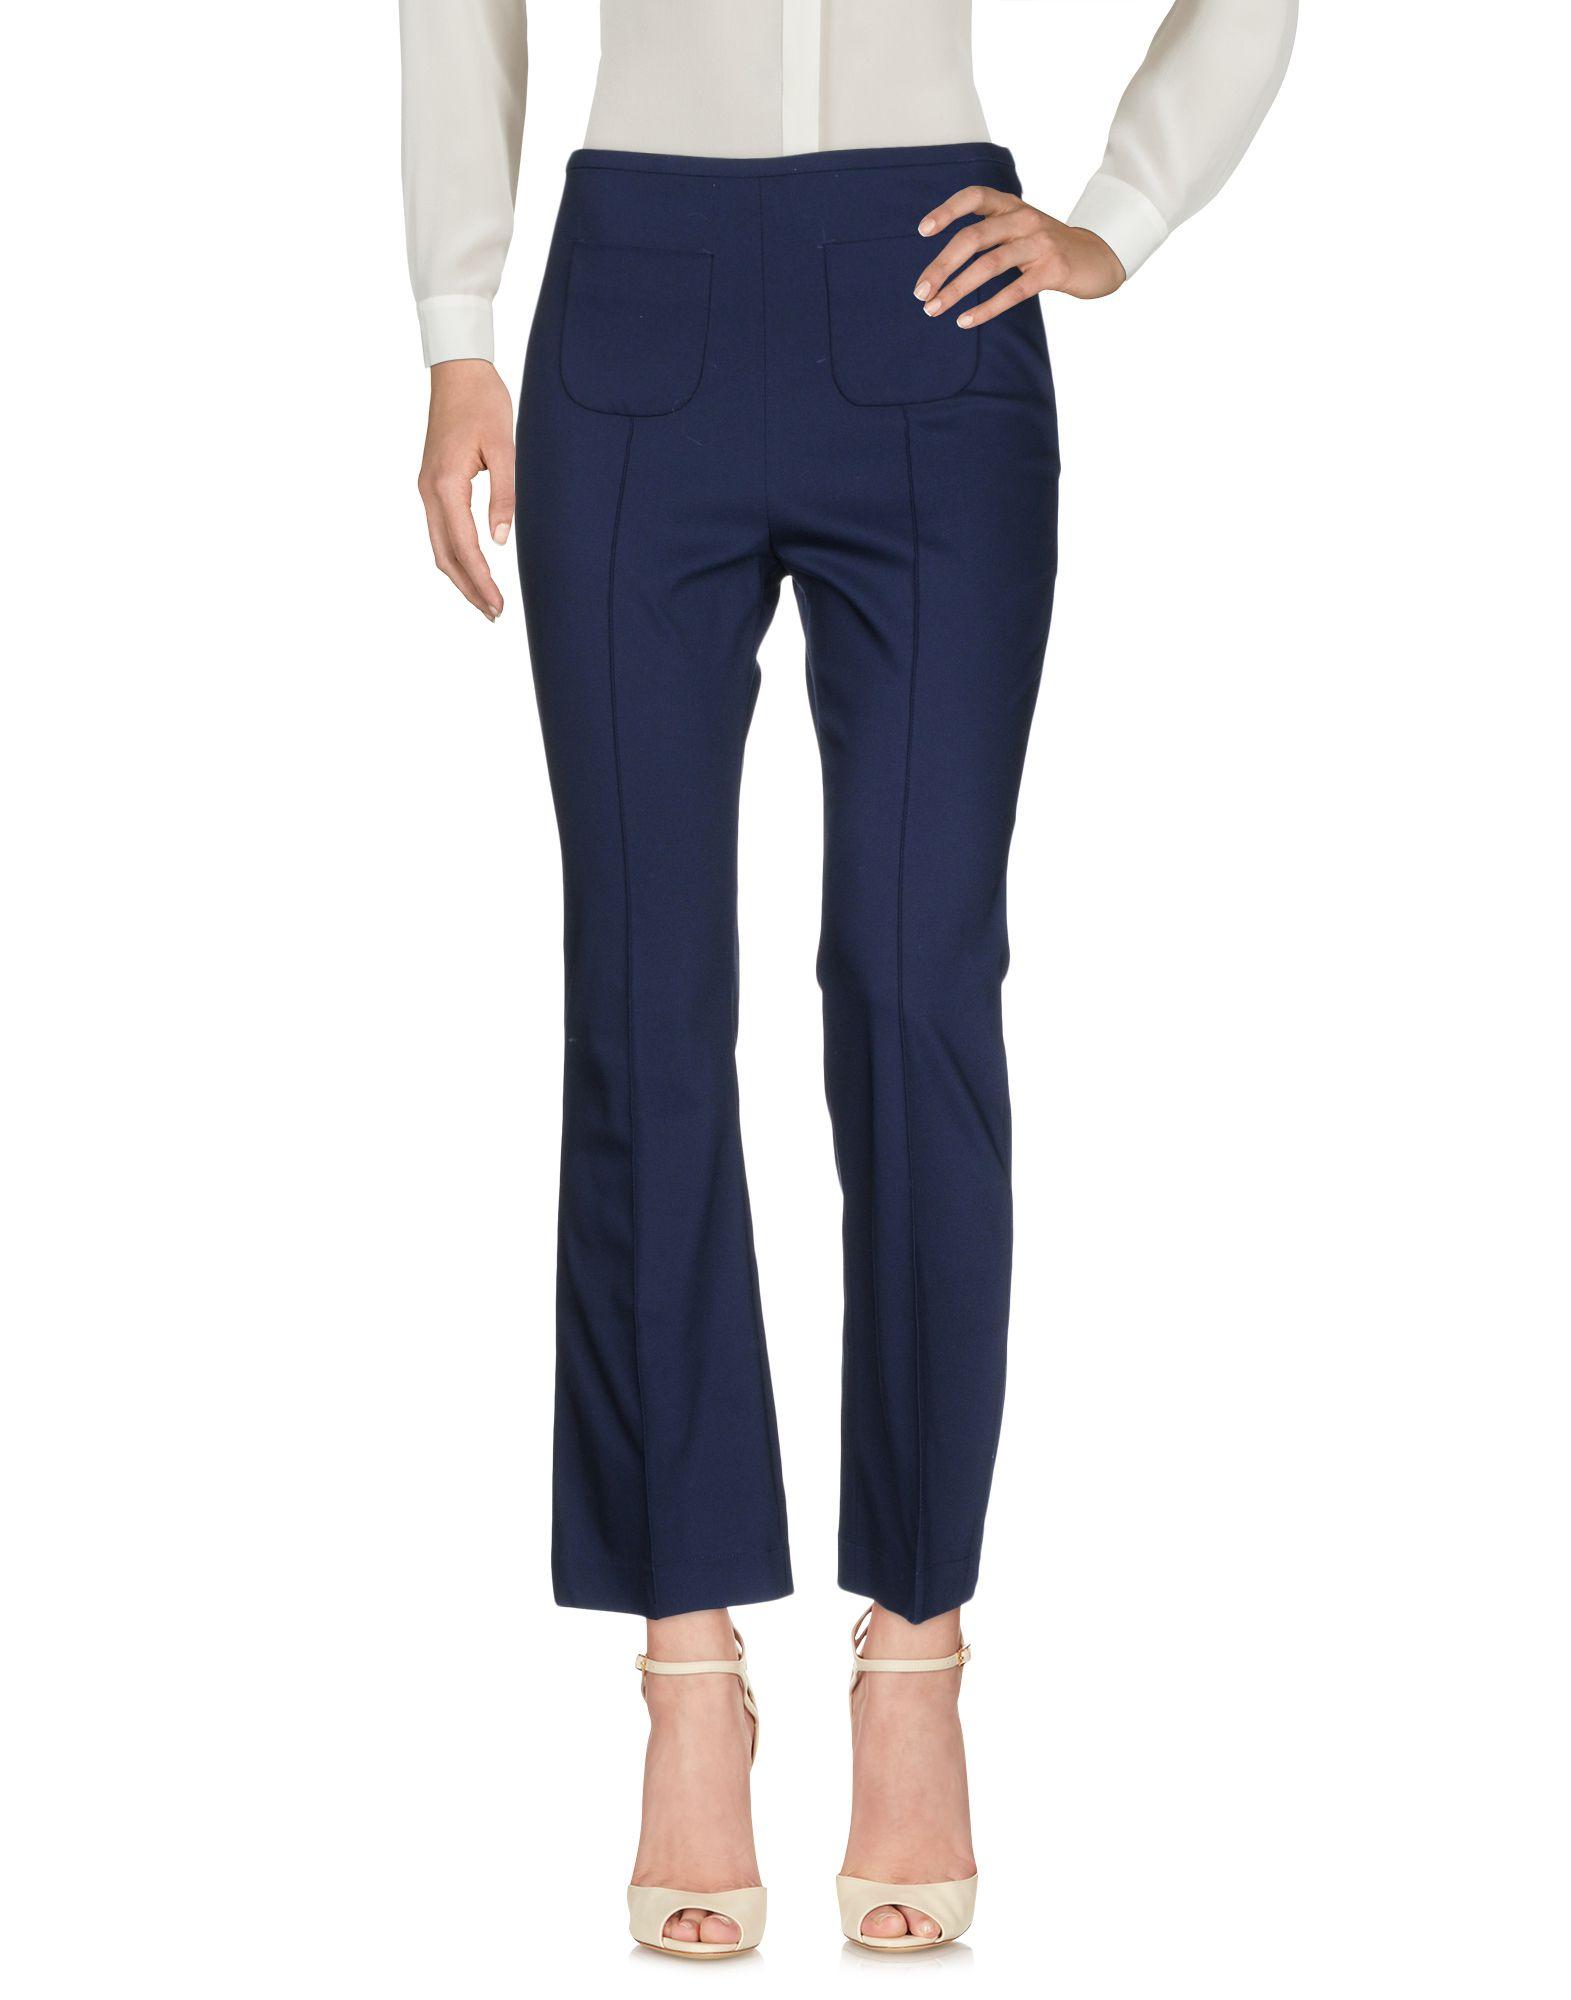 Pantalone Co Te damen - 13159629KJ